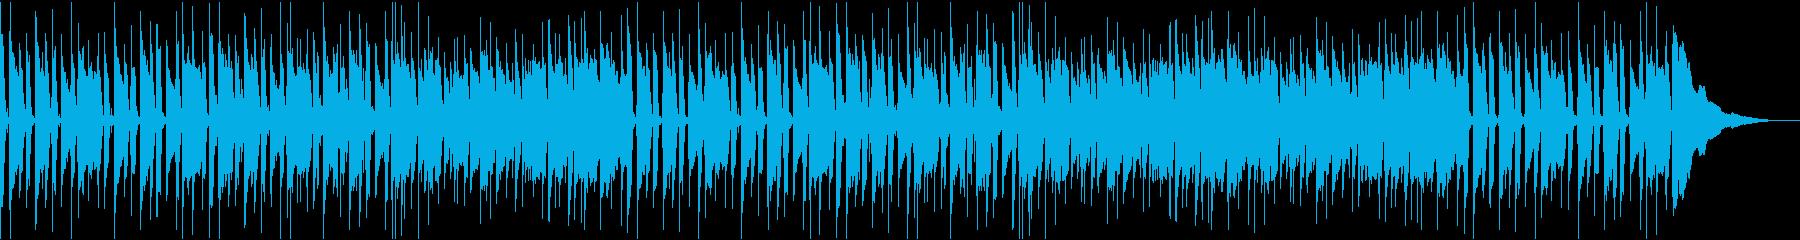 ポップなギターとウクレレの楽曲です。の再生済みの波形